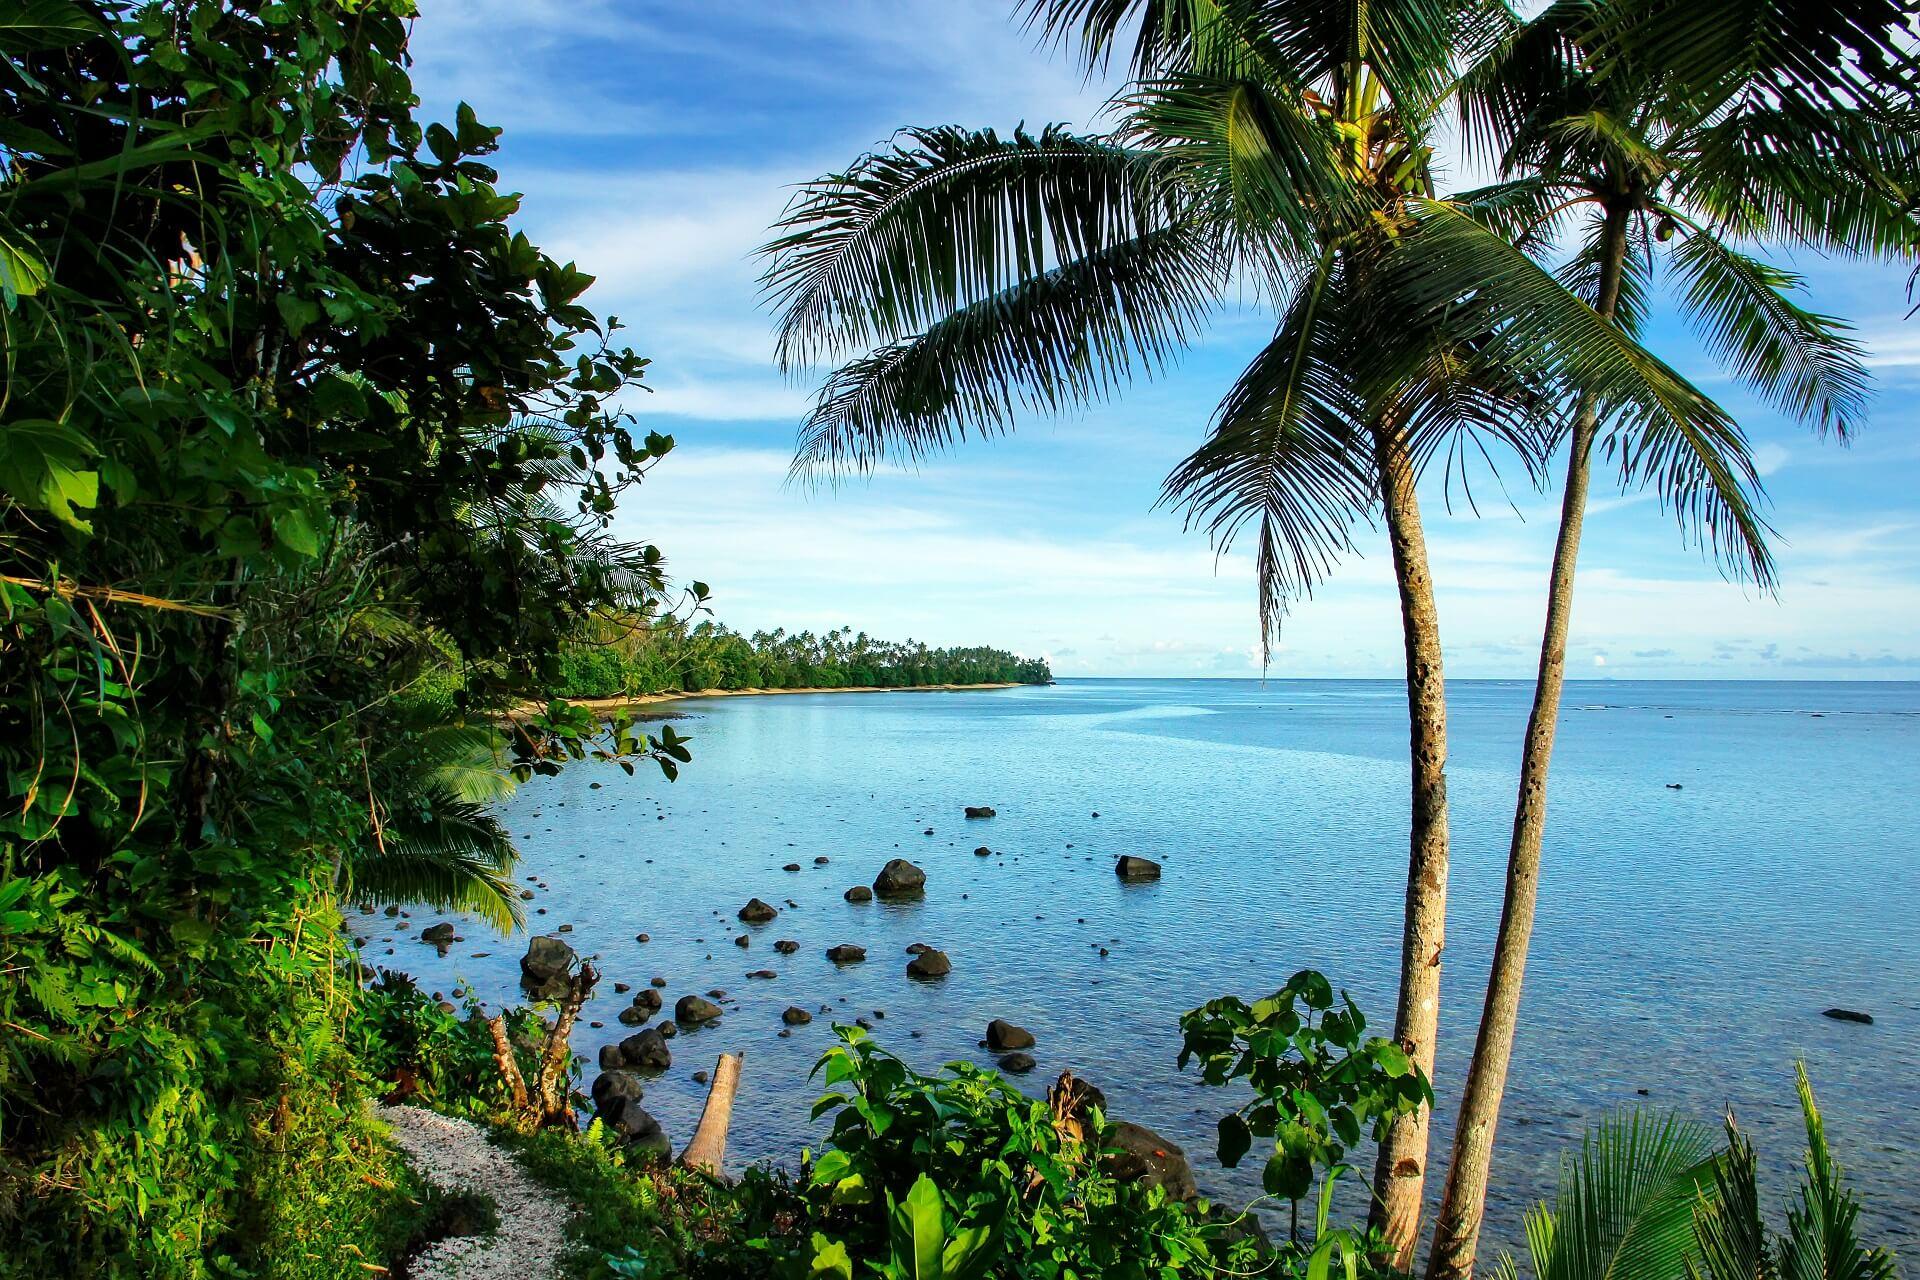 Die Sicht auf den Ozean vom Strand von den Fidschi Inseln ist wunderbar